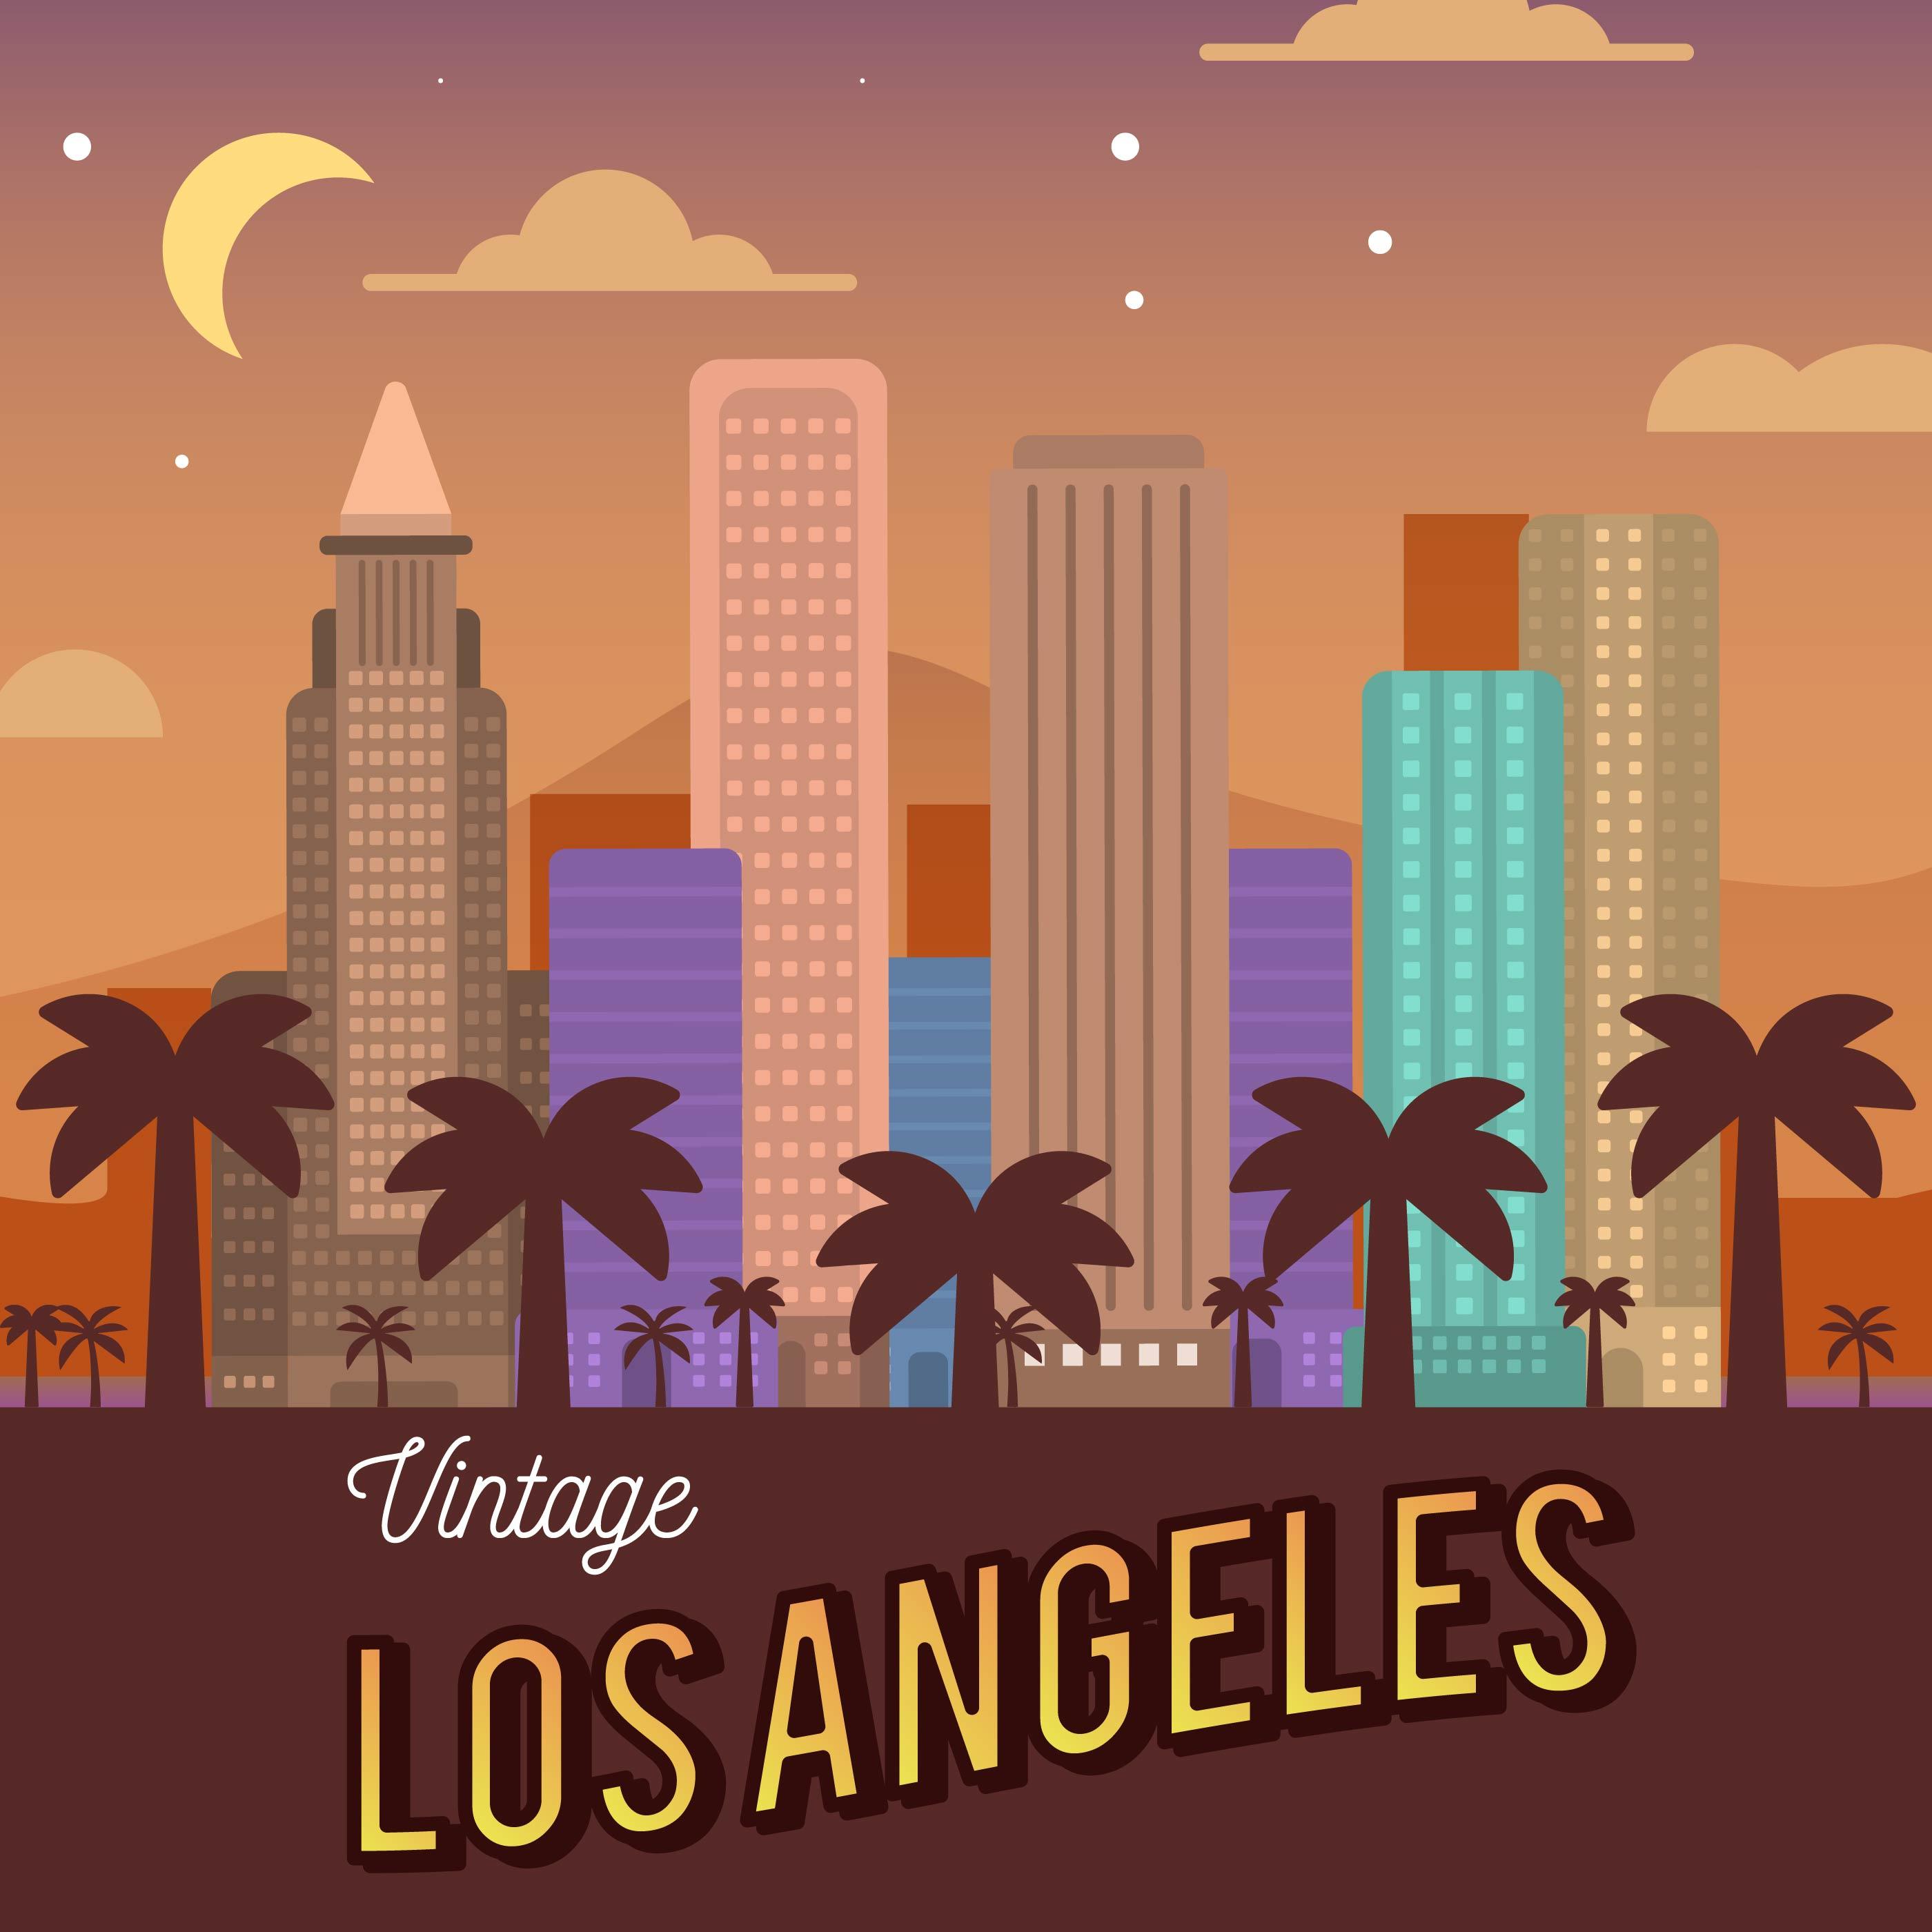 Arte Design In Los Angeles Images: Vintage Los Angeles Skyline Vector Illustration